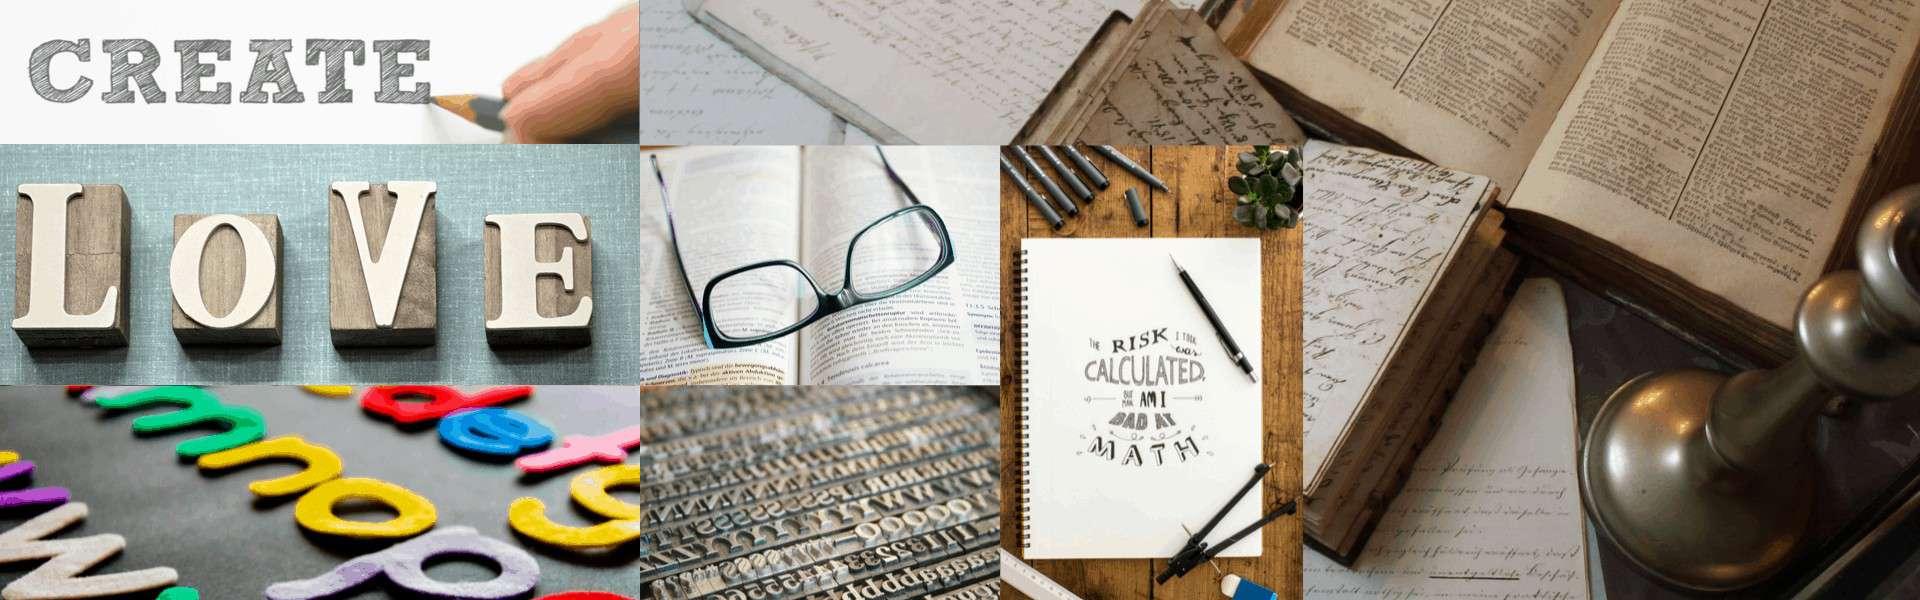 Schriftart - Corporate Design